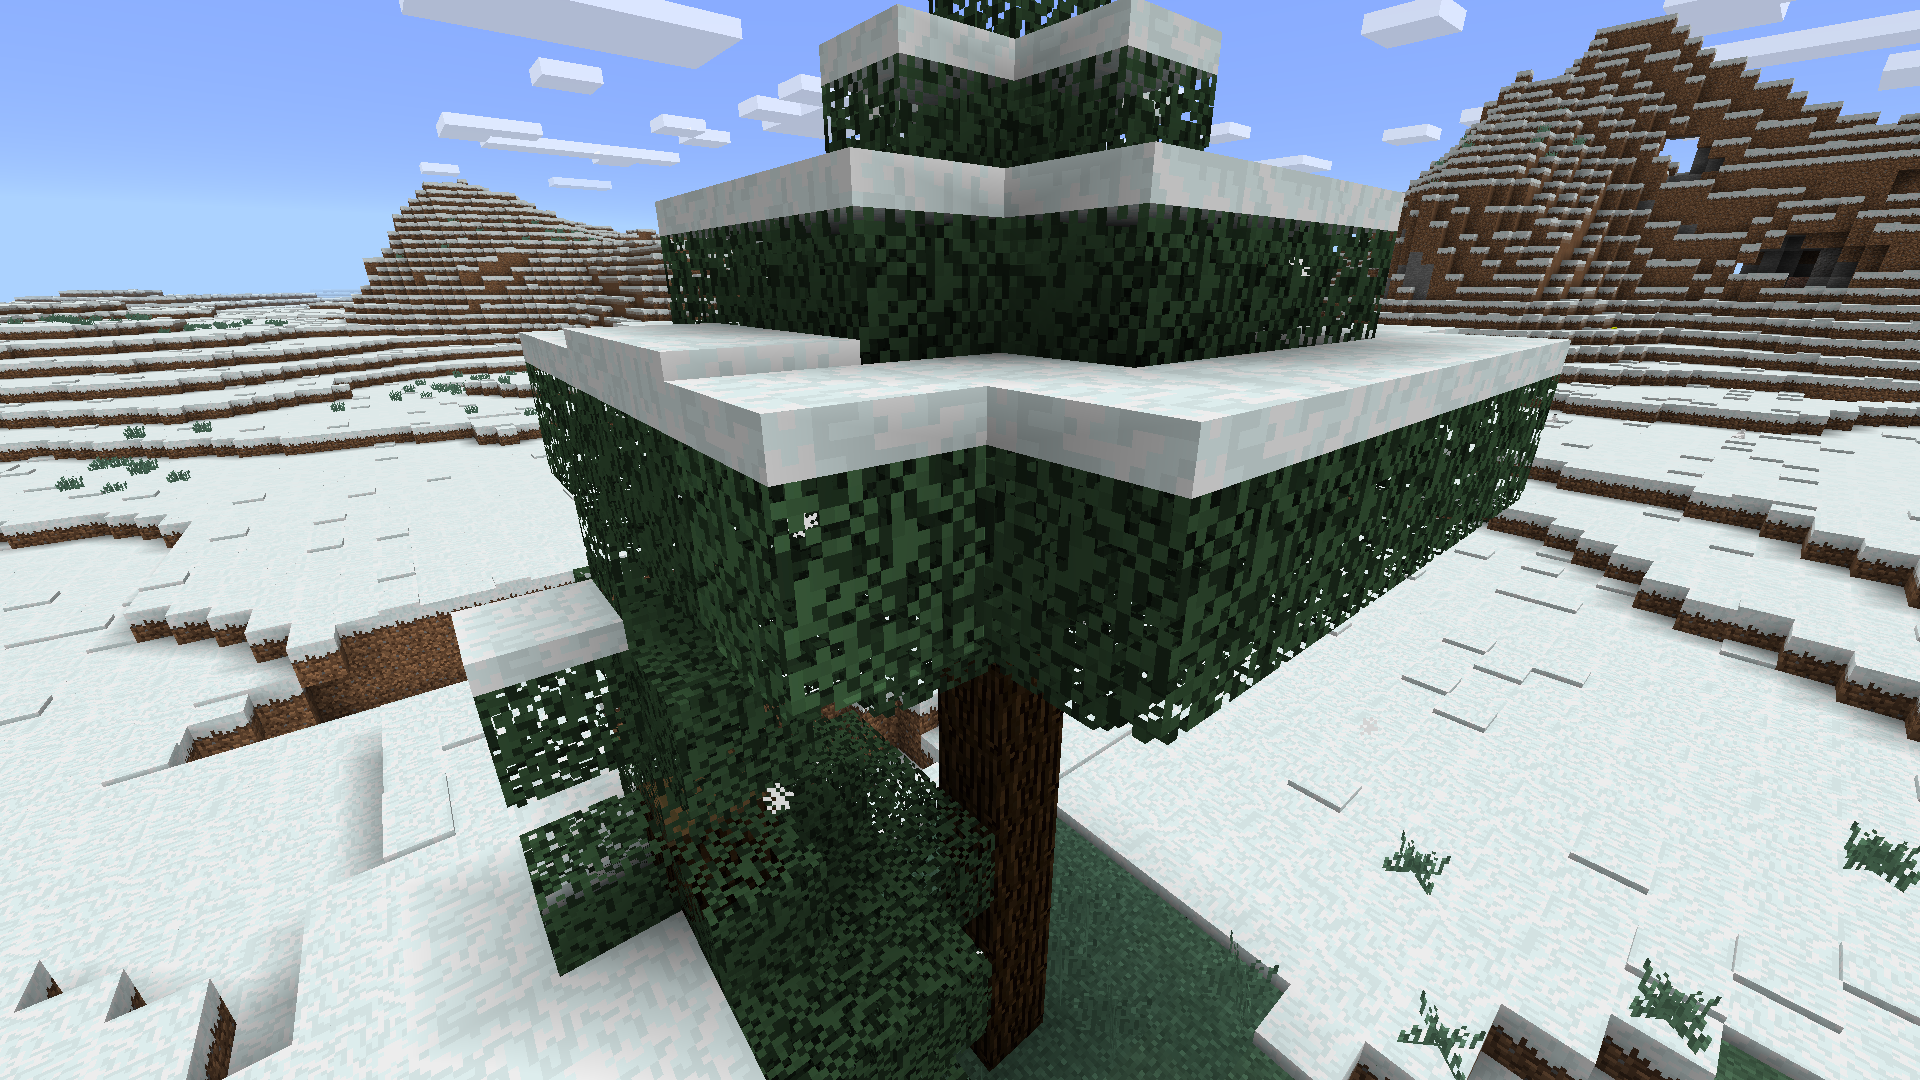 mcpe-snow-flakes